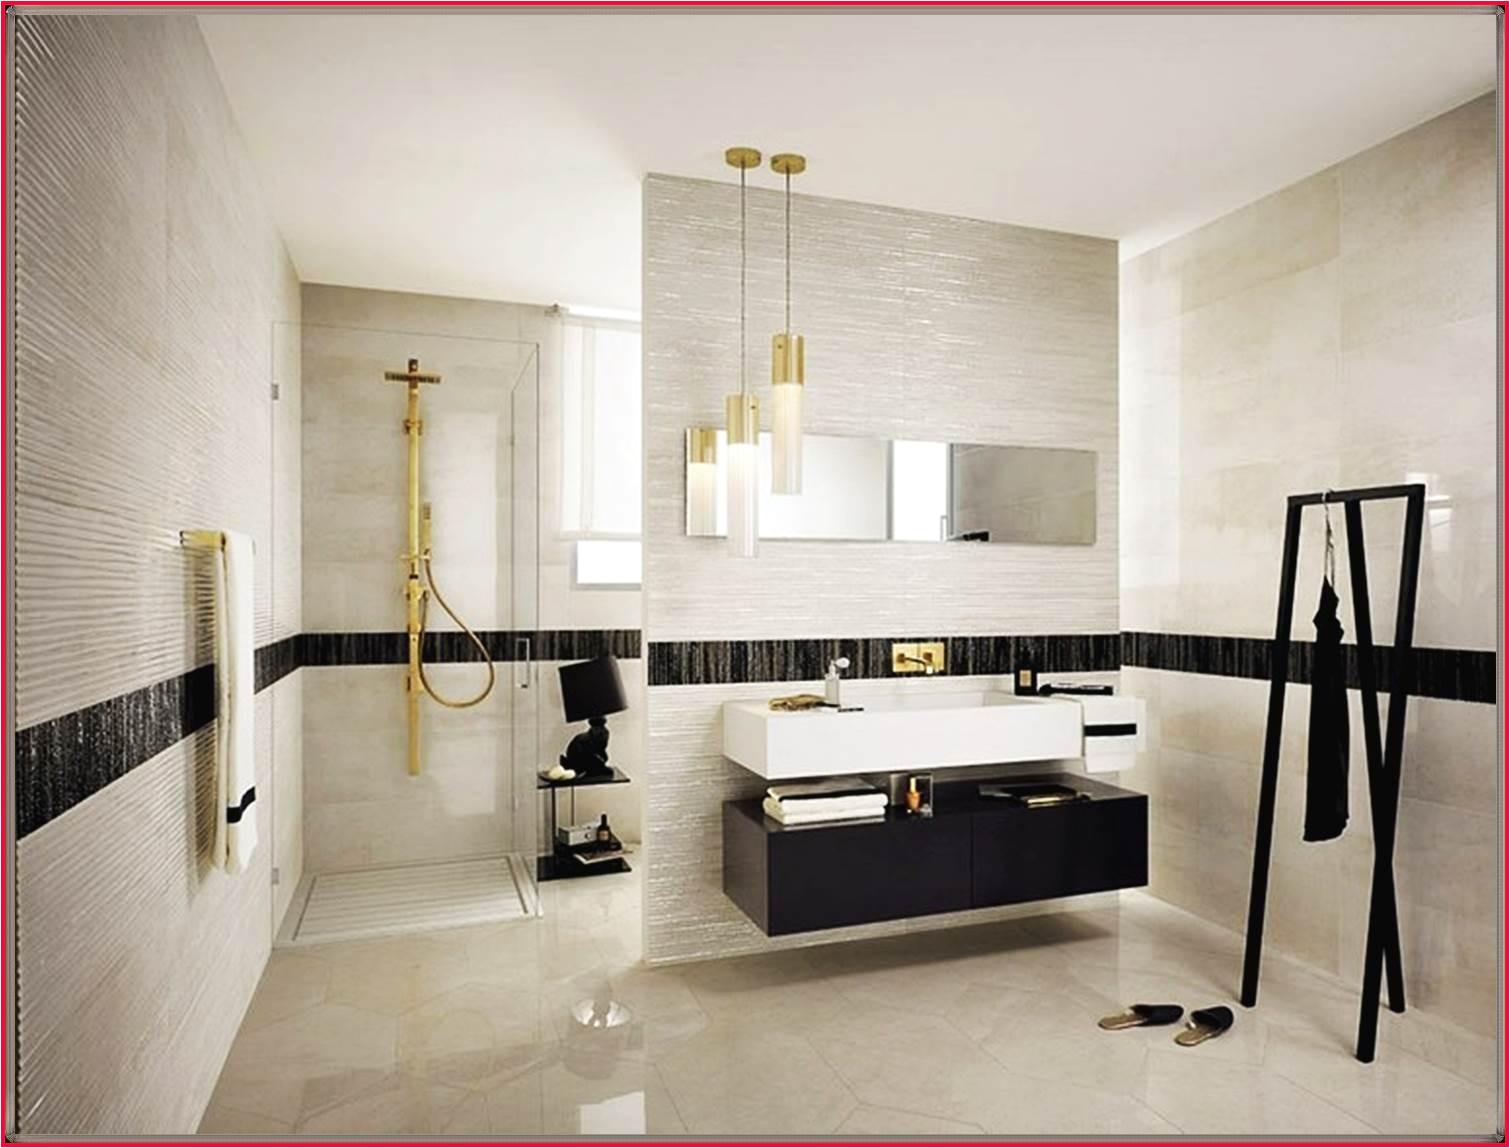 fabulous azulejos para cocinas modernas azulejos para cocinas modernas azulejos para cocina modernos with azulejos modernos para cocinas